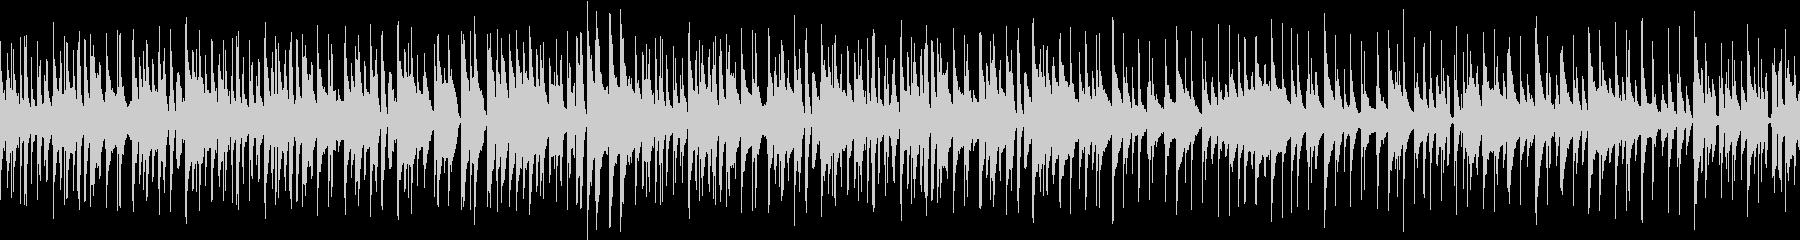 のんびりした印象のジャズトリオ ループ版の未再生の波形